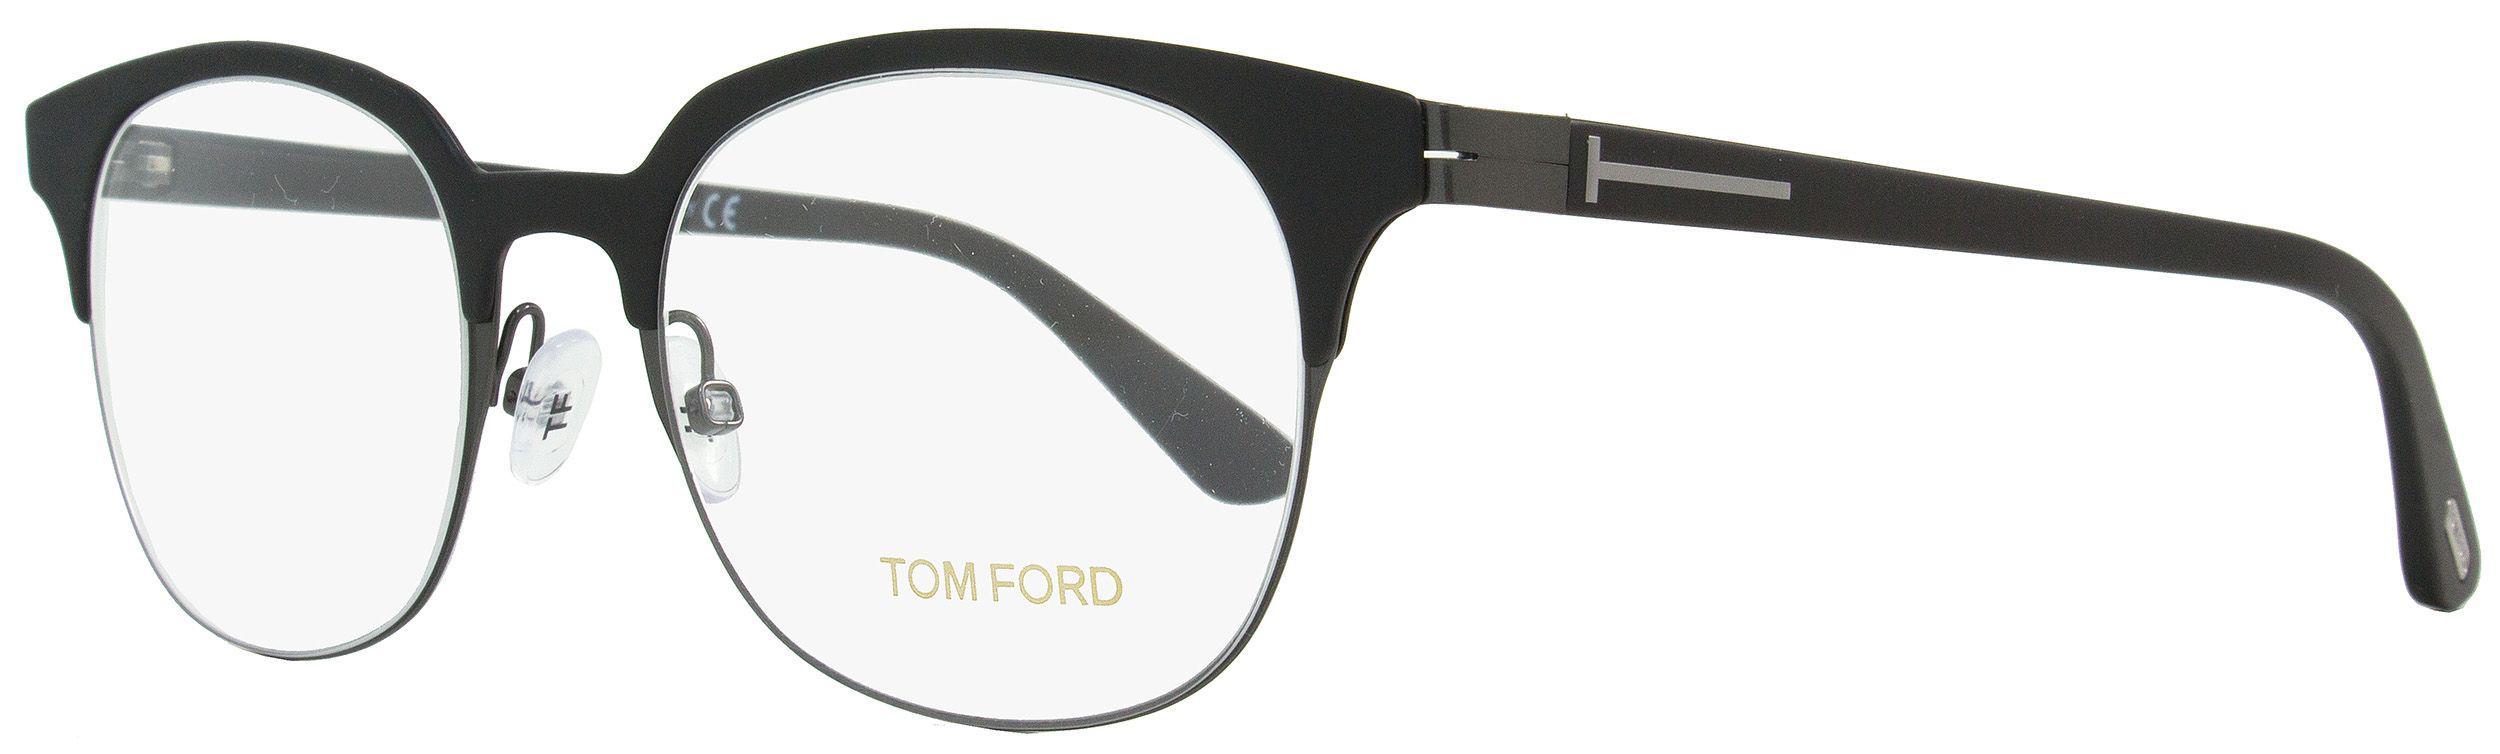 Lyst - Tom Ford Square Eyeglasses Tf5347 001 Size  51mm Black dark ... b6993ab0743a